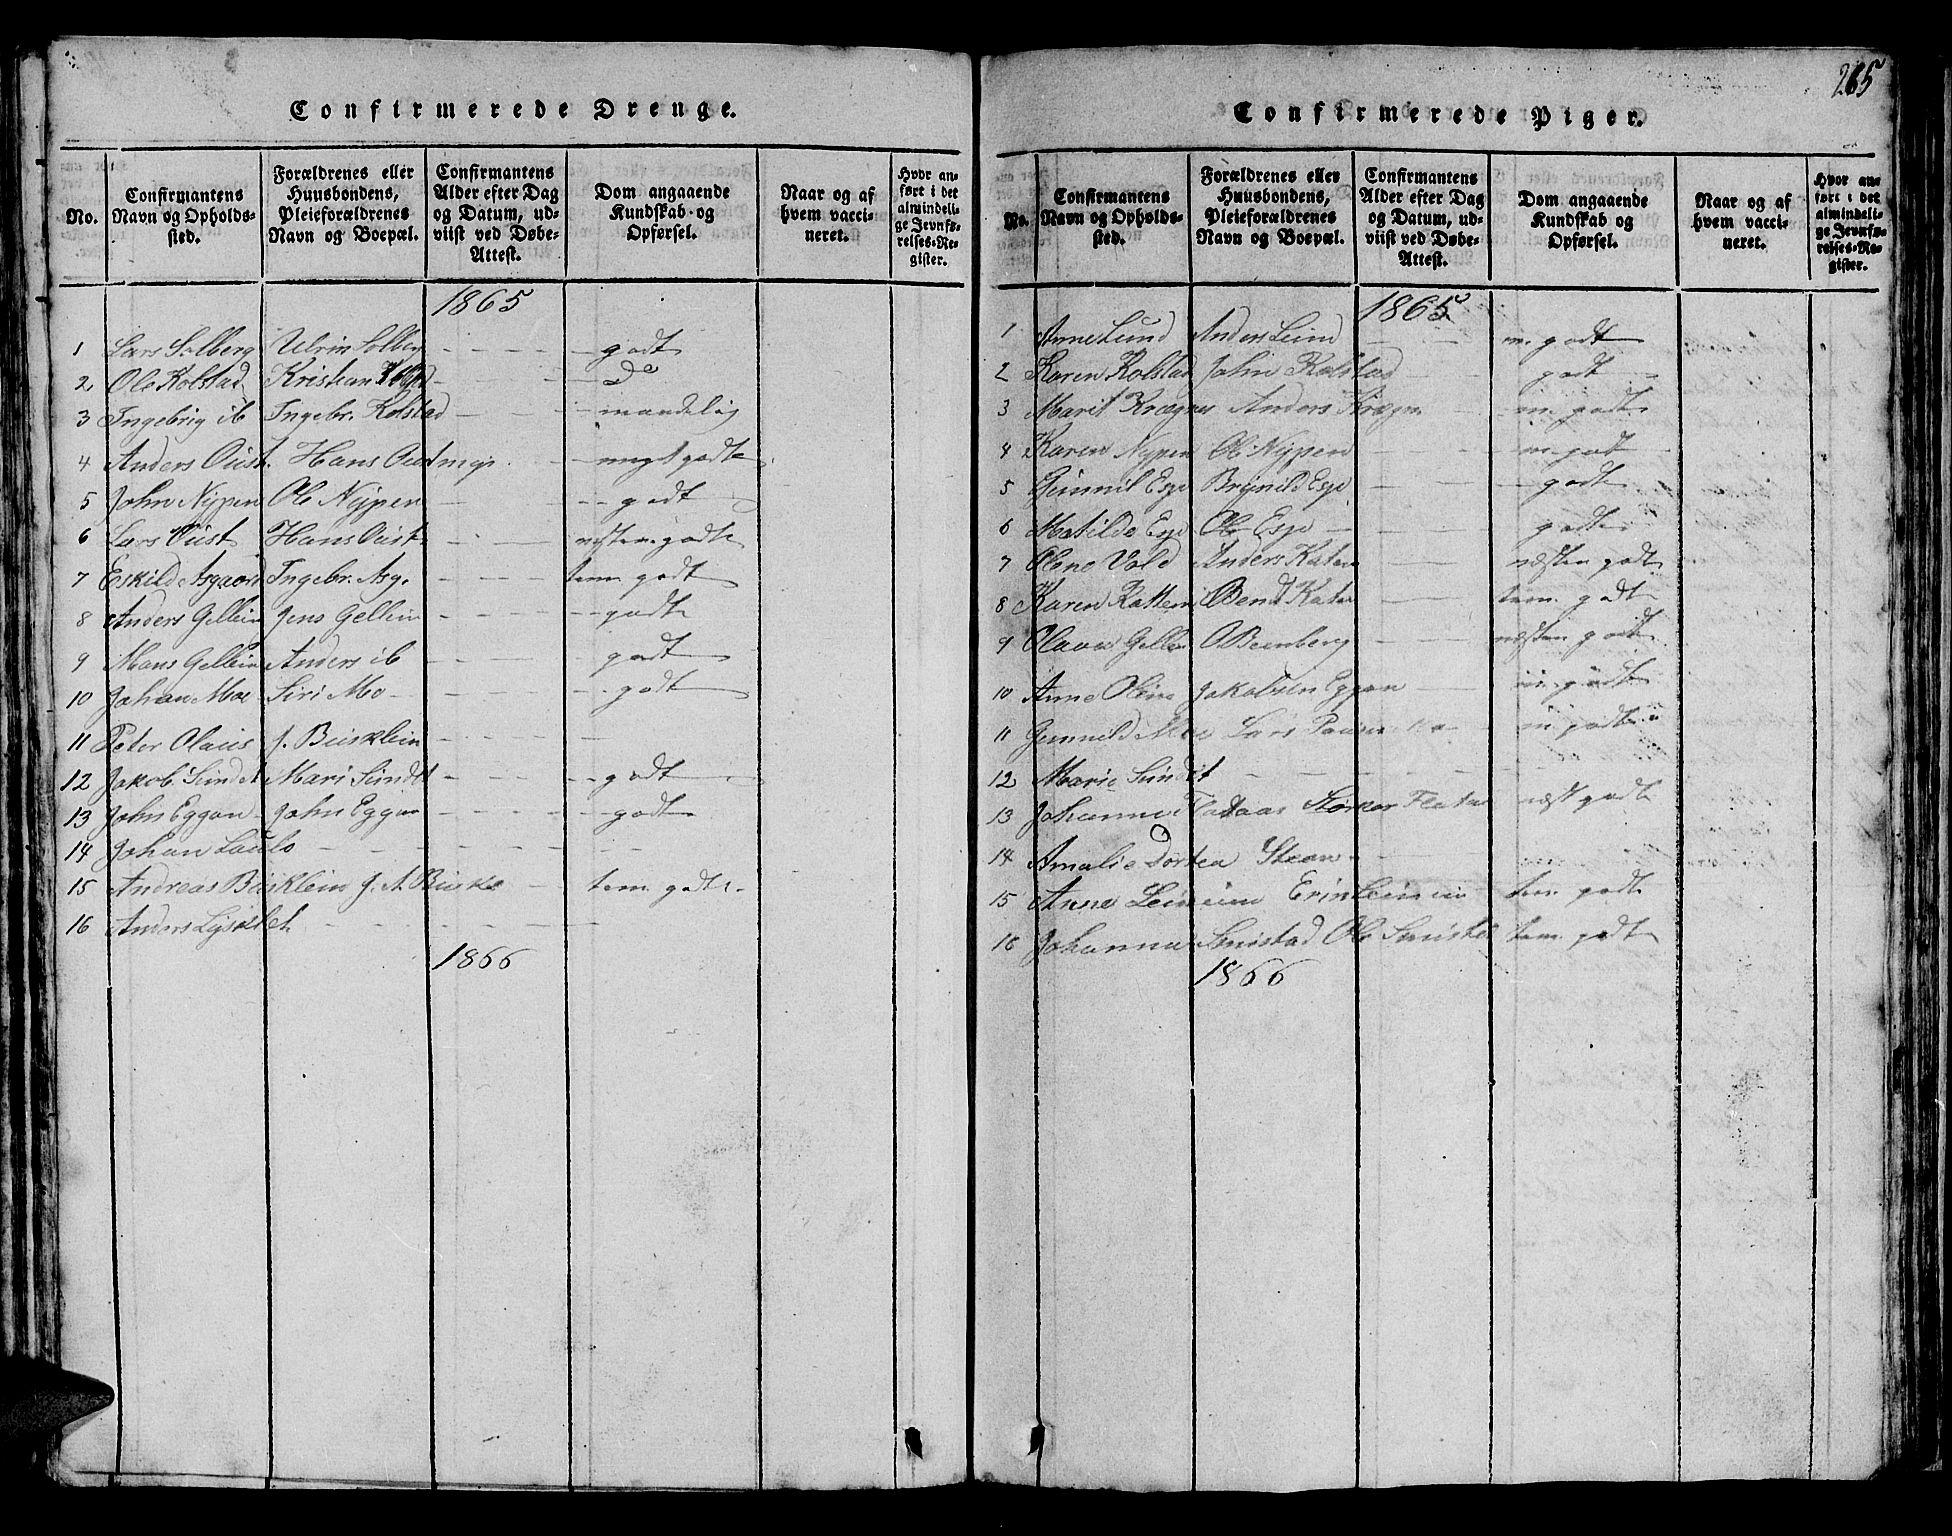 SAT, Ministerialprotokoller, klokkerbøker og fødselsregistre - Sør-Trøndelag, 613/L0393: Klokkerbok nr. 613C01, 1816-1886, s. 265